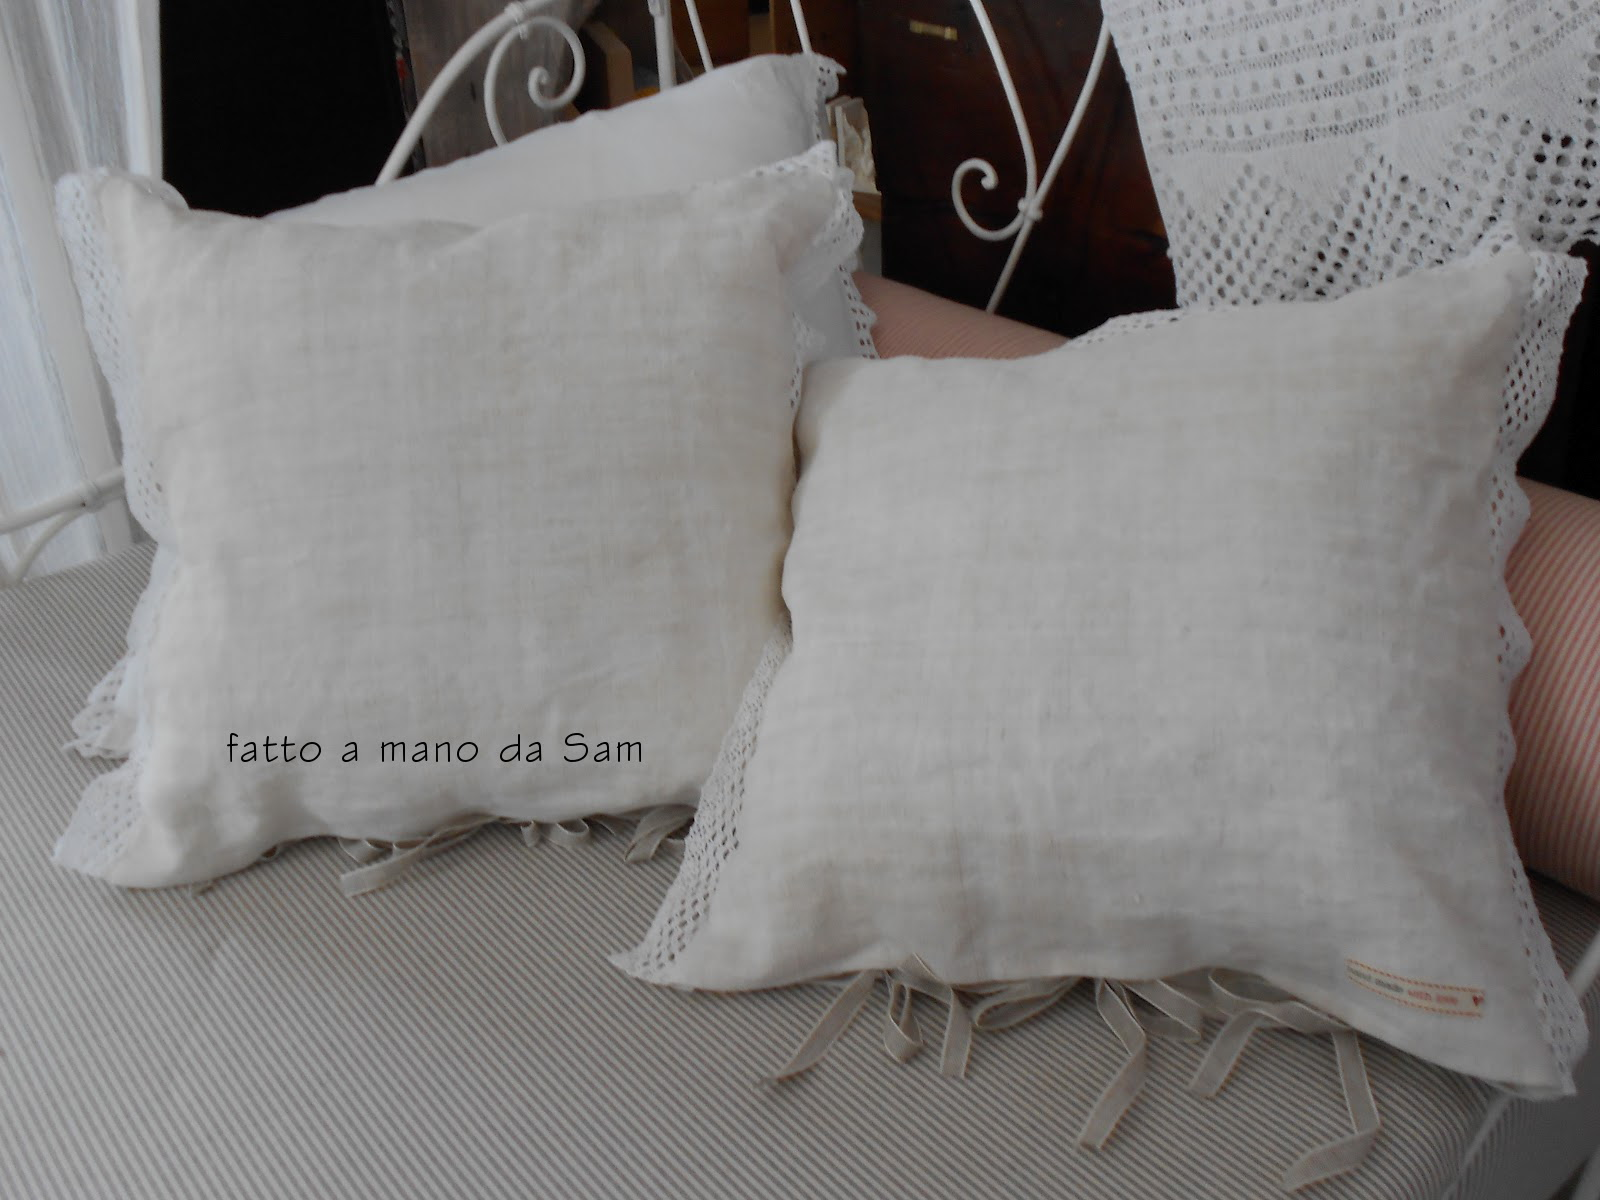 Molto Fatto a mano da Sam: Stoffa antica: cuscini realizzati! ZO14